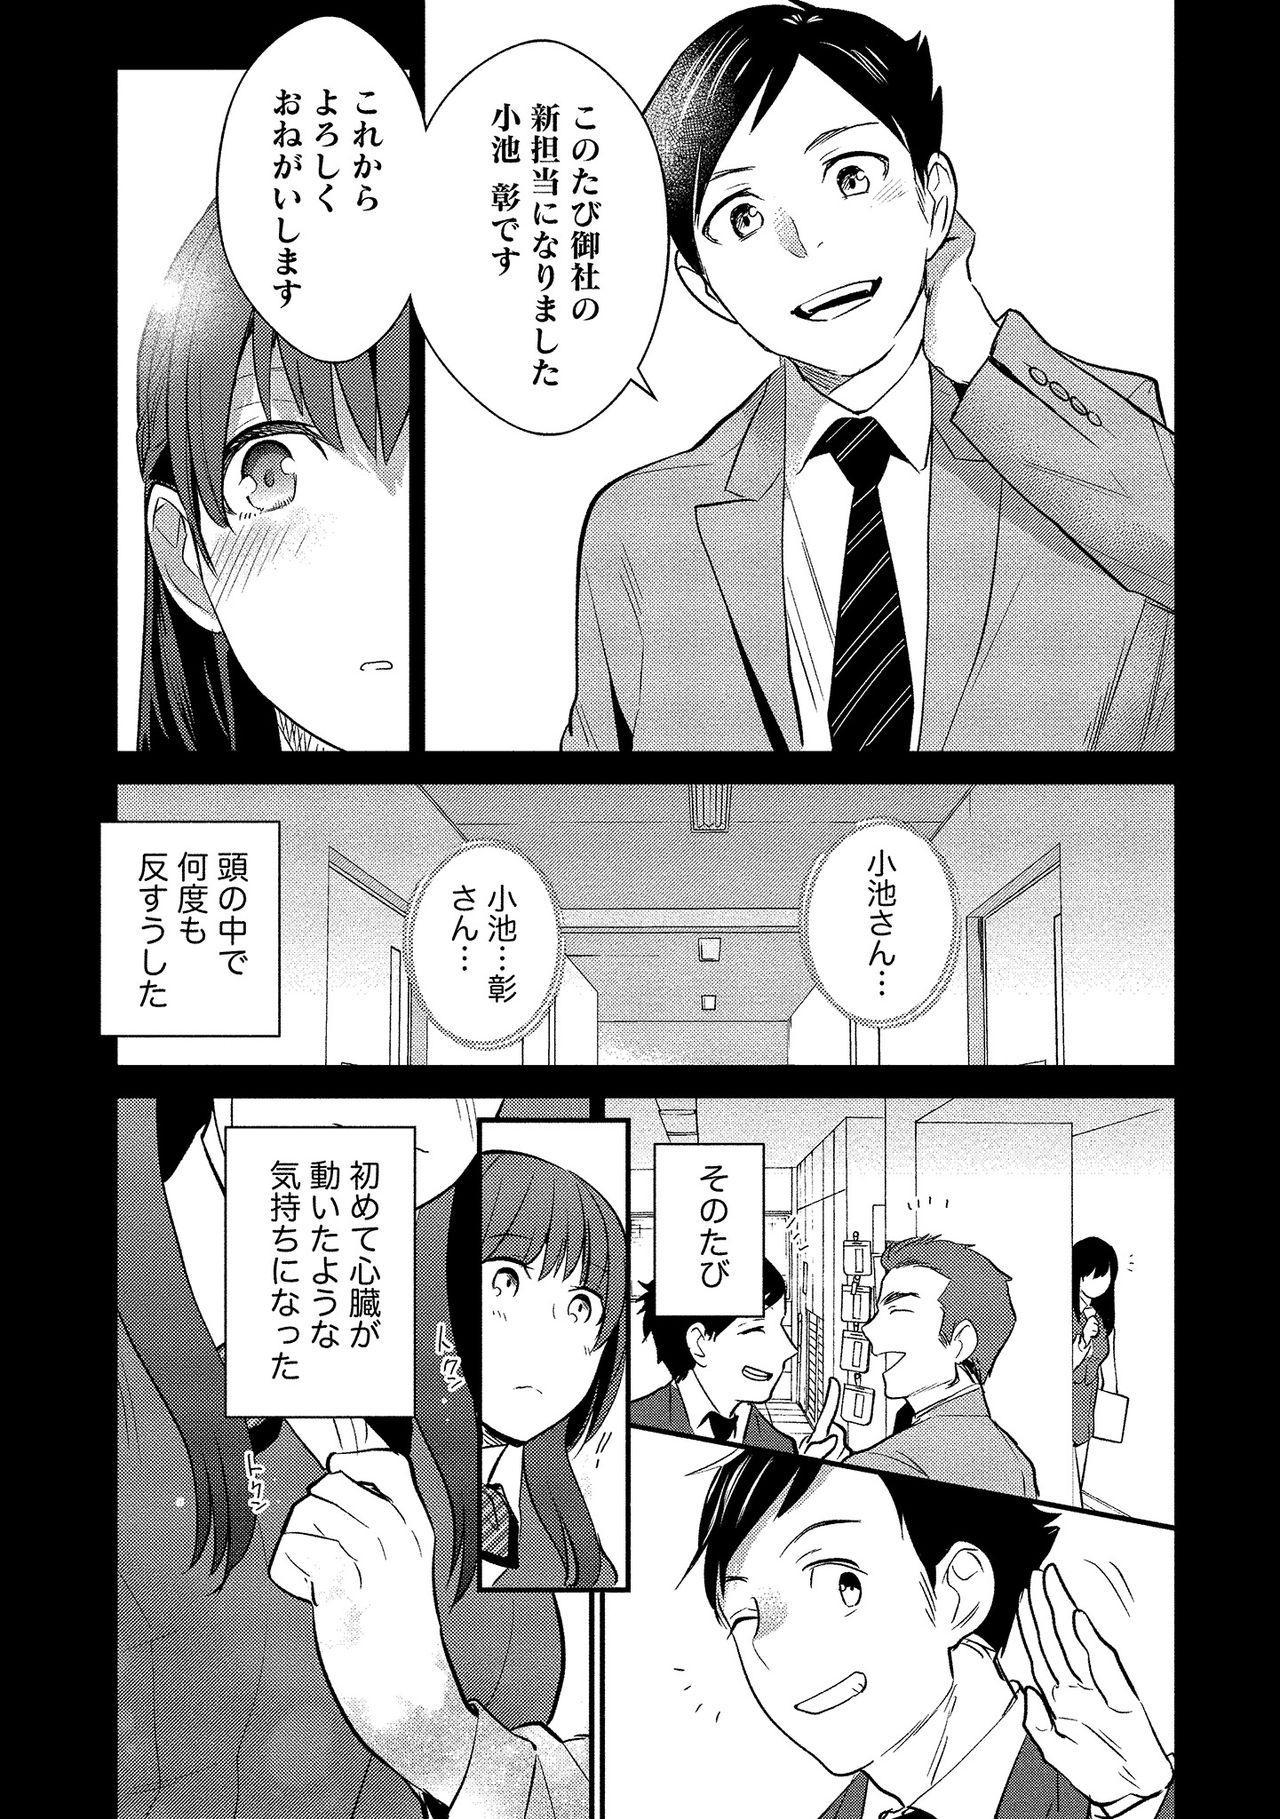 Dorobou Neko wa Kanojo no Hajimari 181